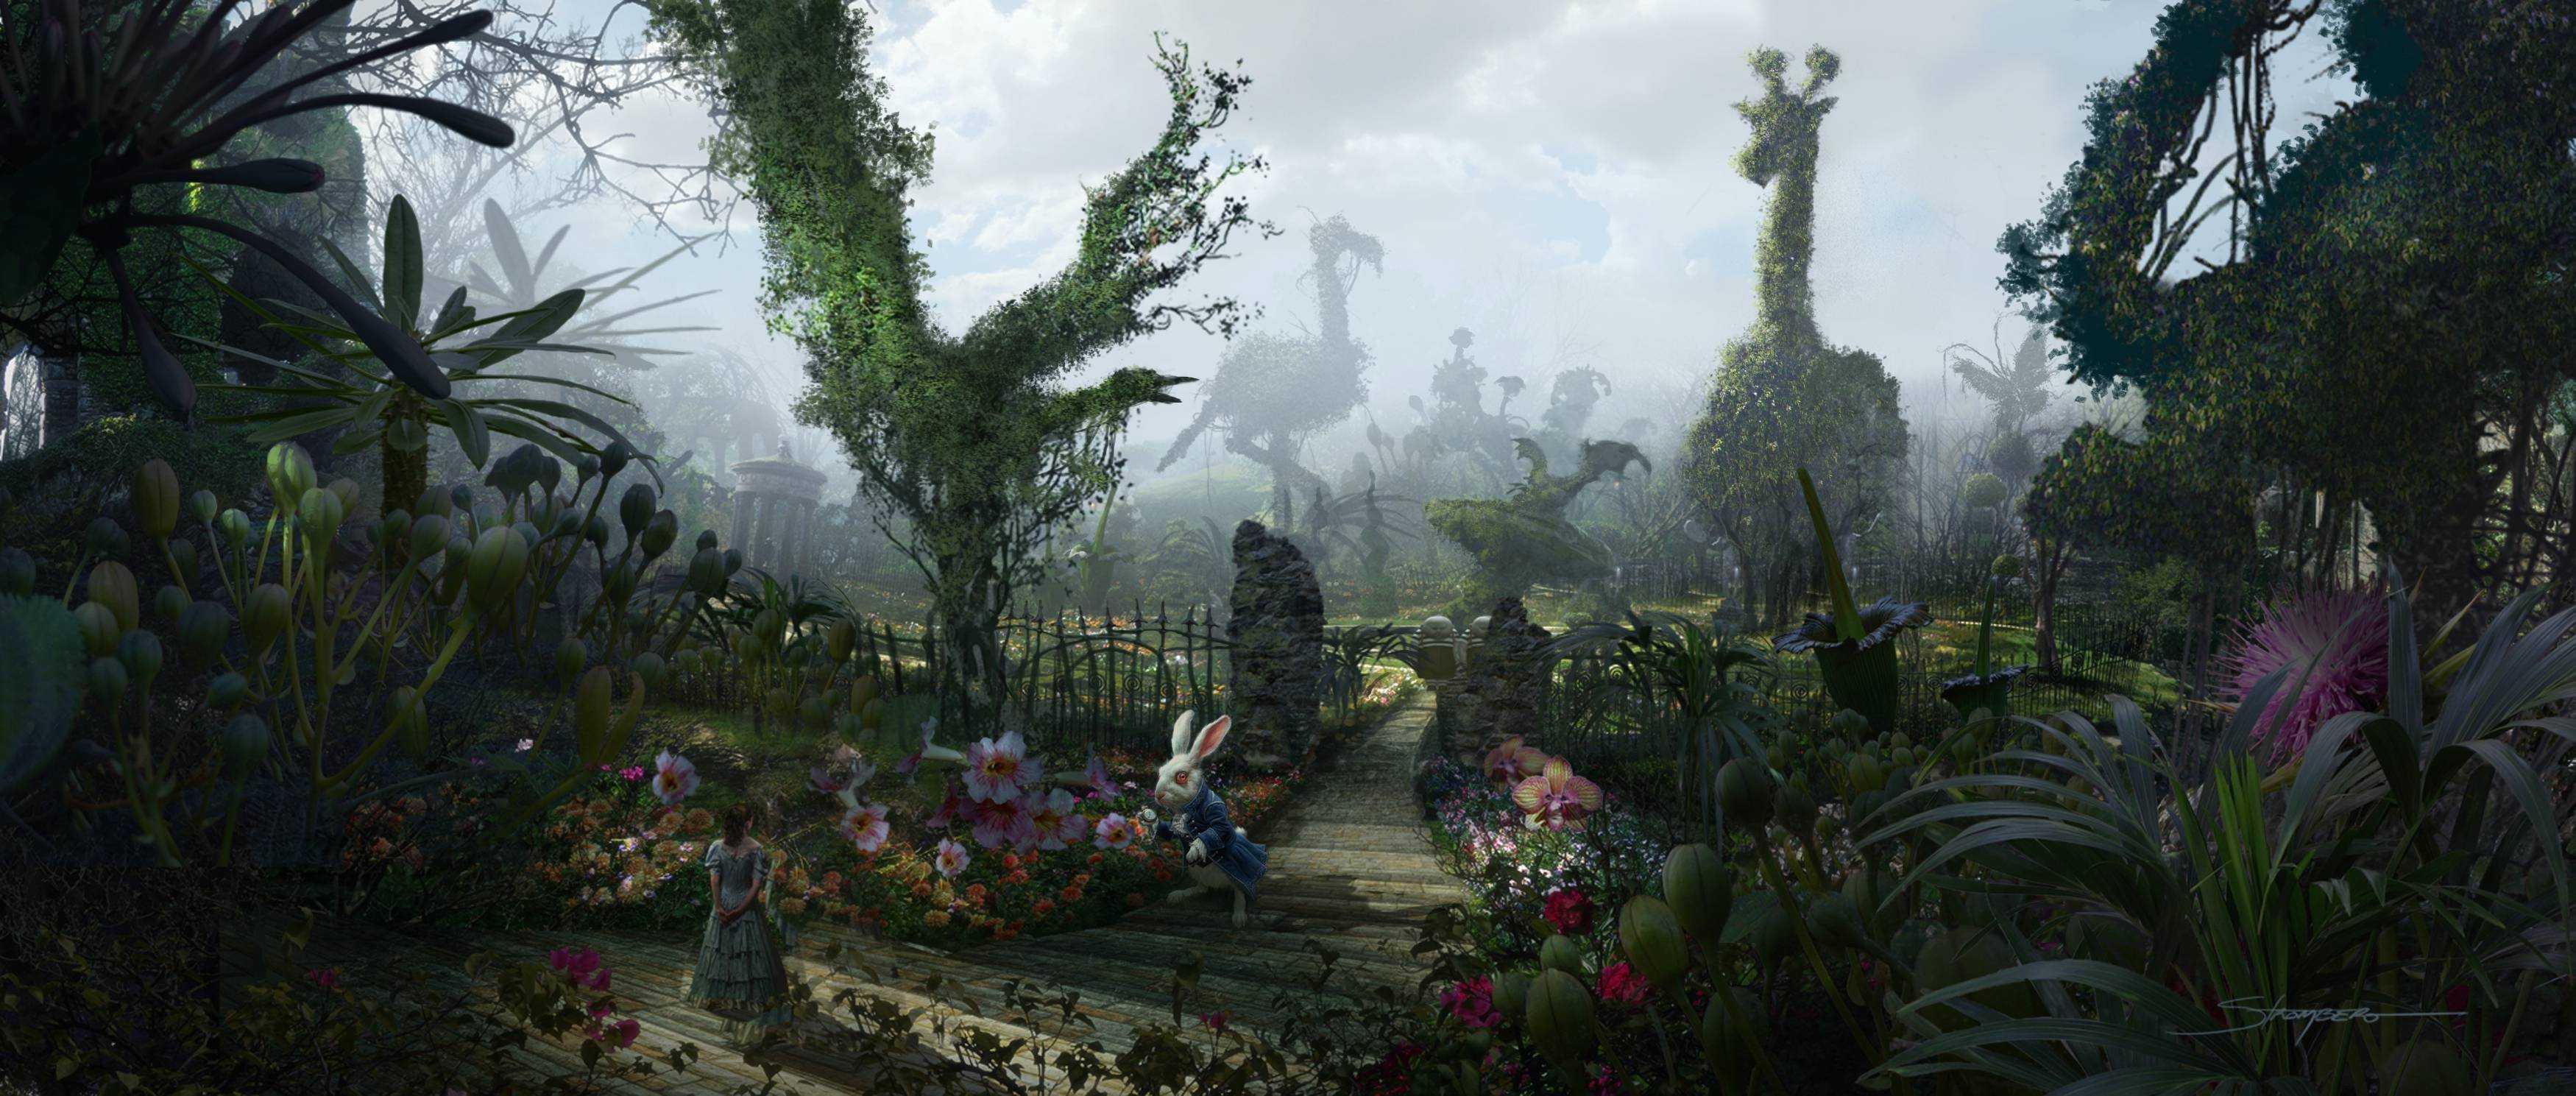 Alice in Wonderland Wallpaper iPhone - WallpaperSafari